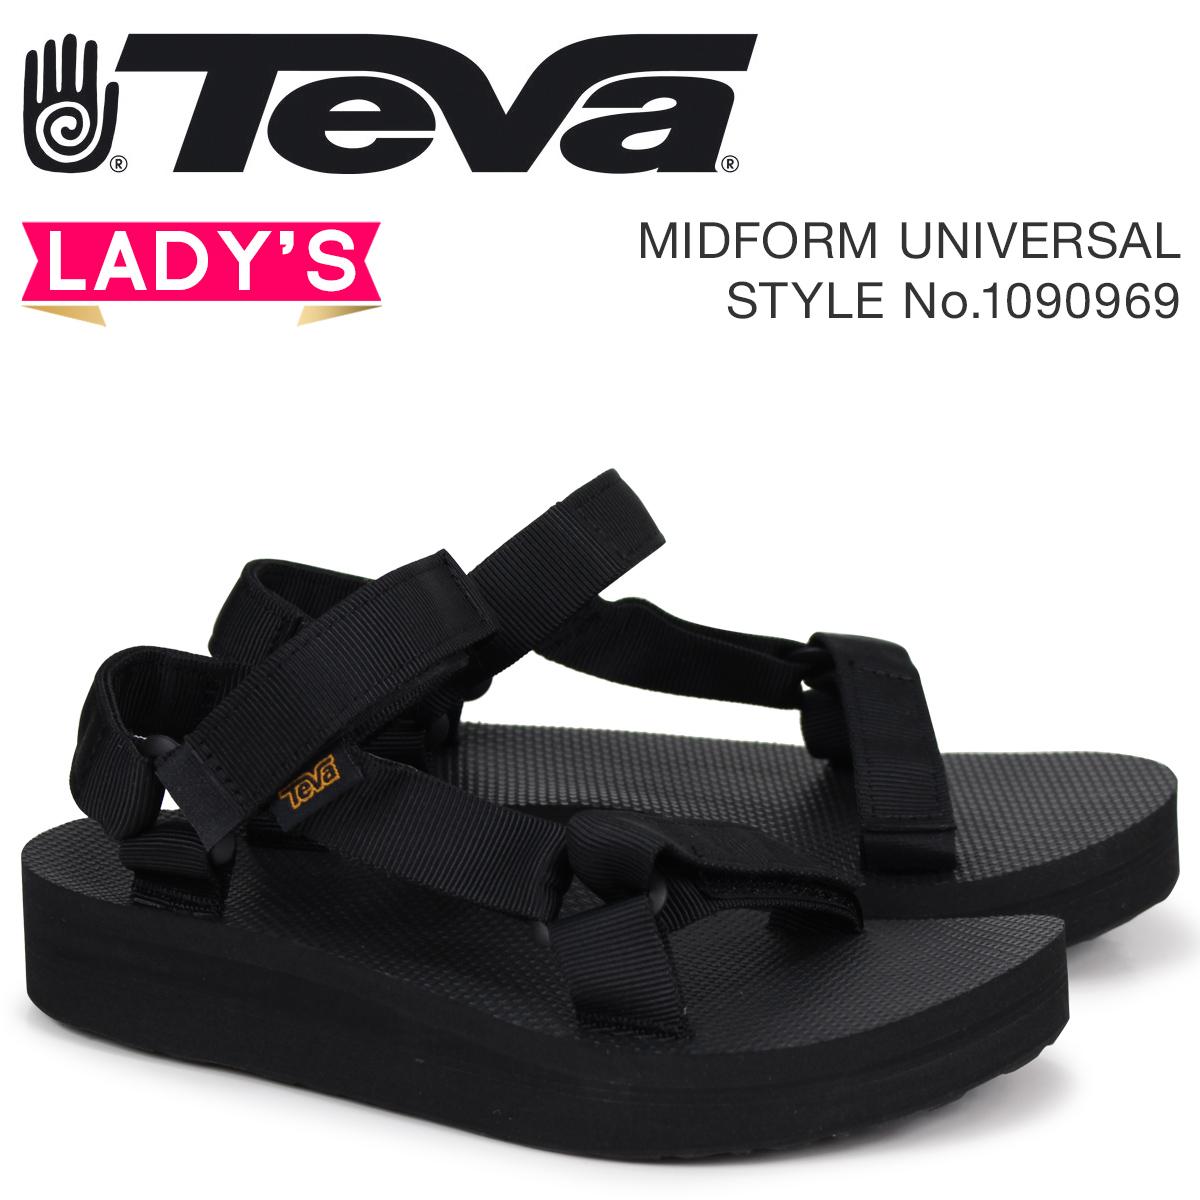 Teva テバ サンダル レディース ミッドフォーム ユニバーサル MIDFORM UNIVERSAL ブラック 1090969